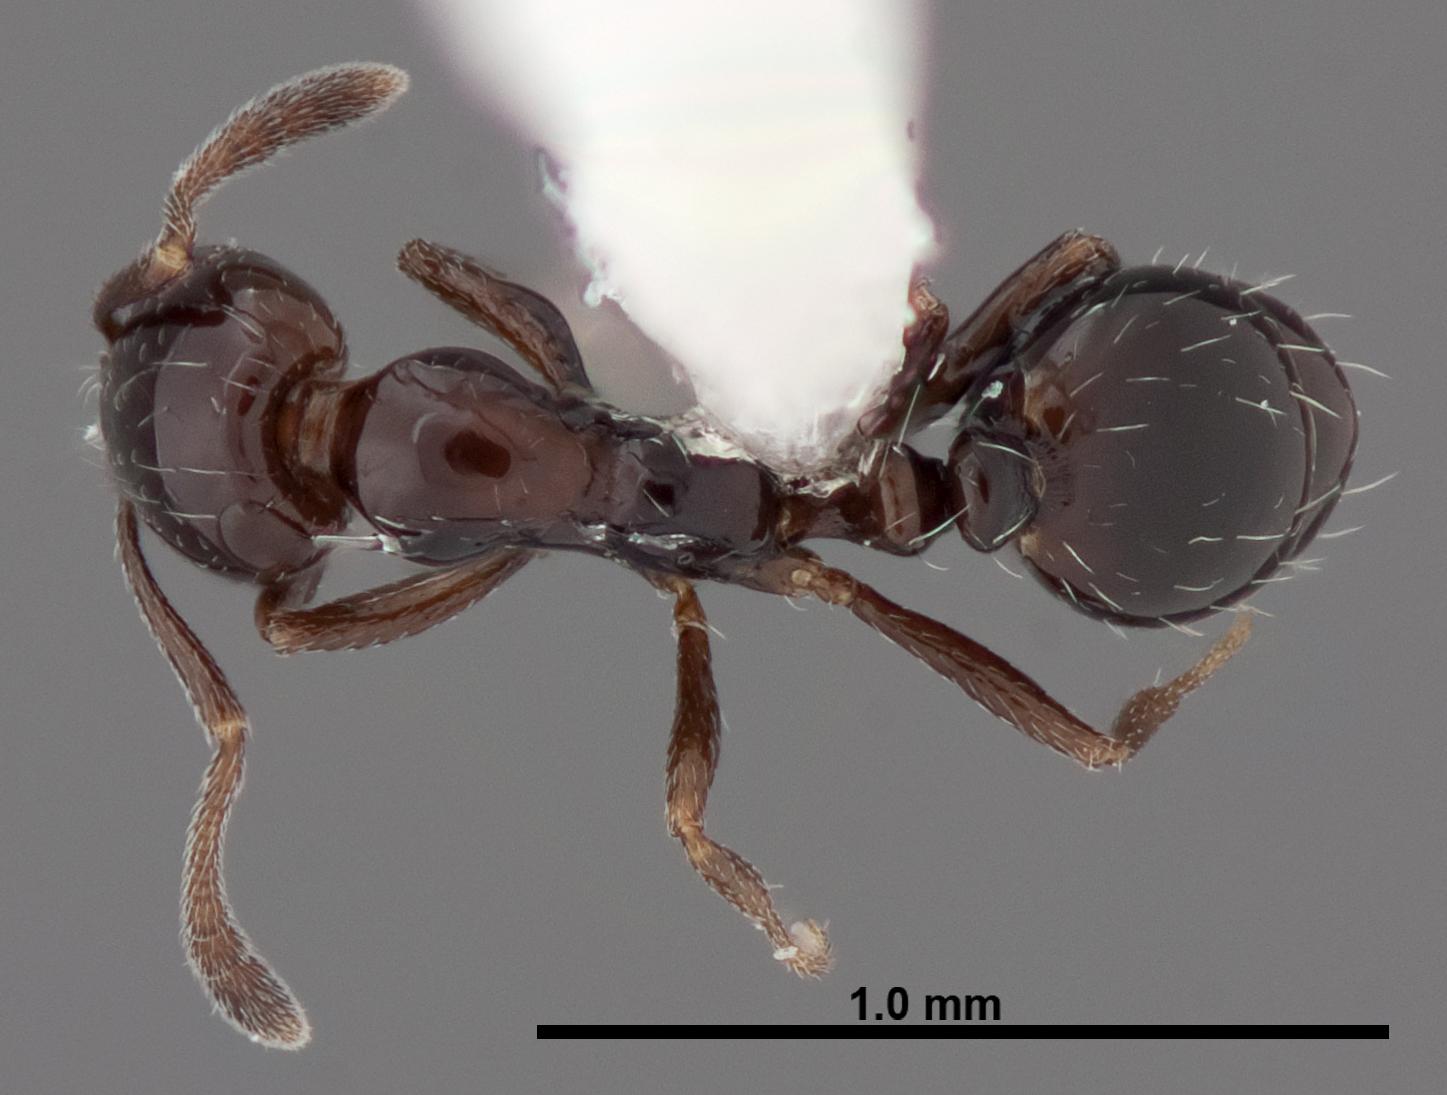 Image of Monomorium ebeninum